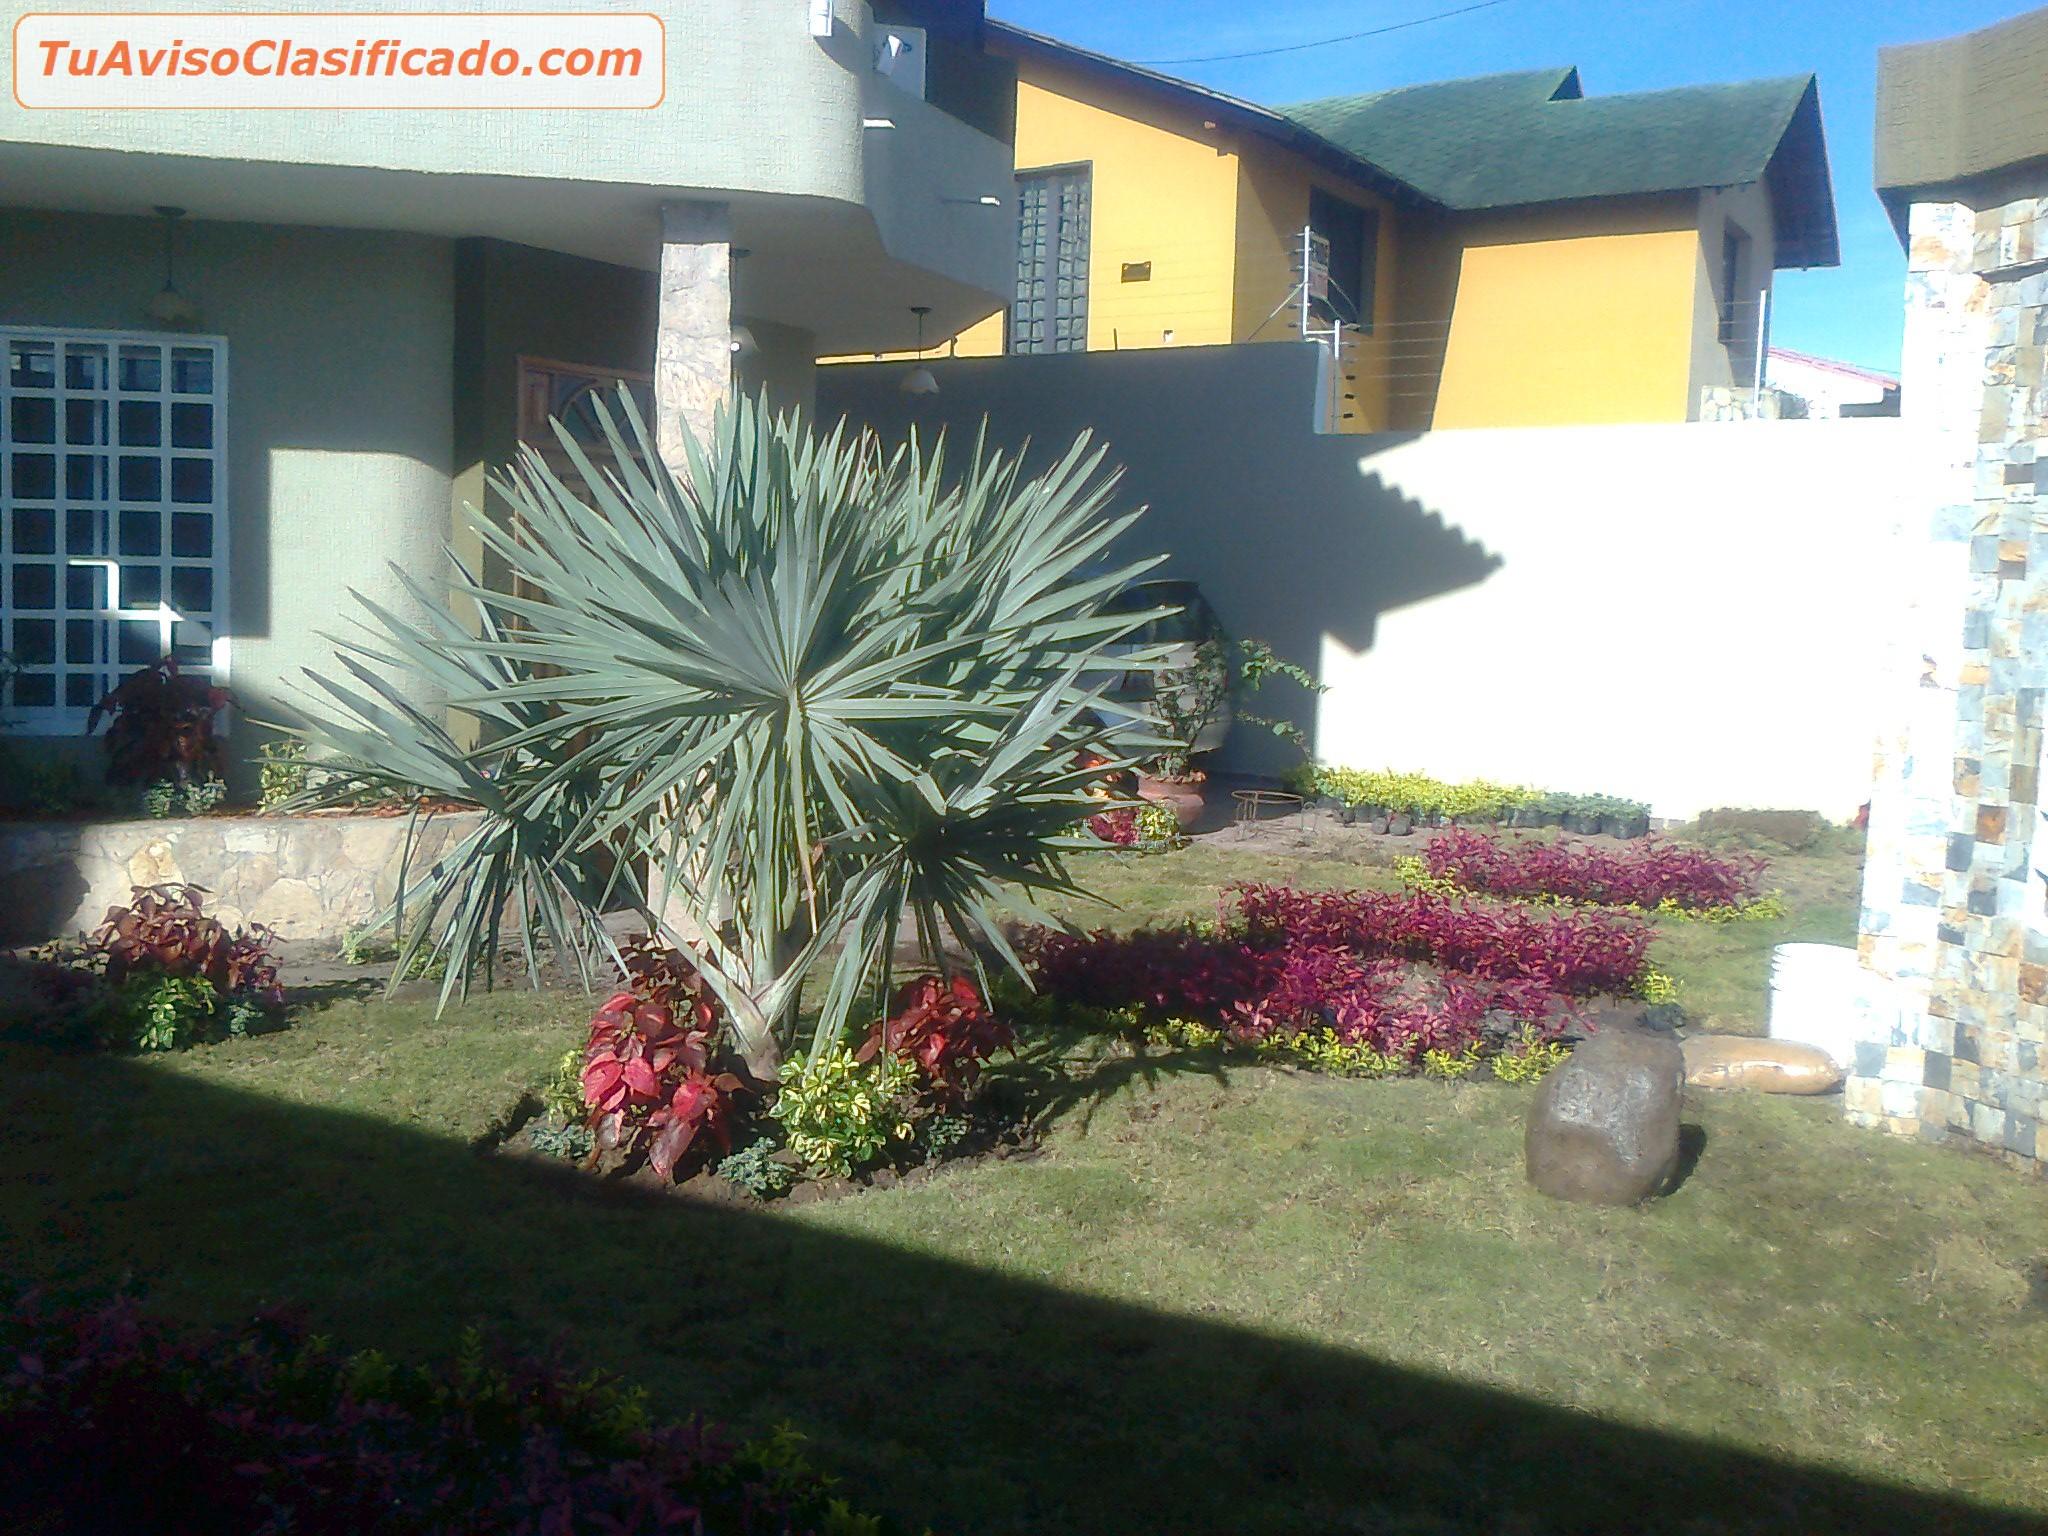 Vivero y proyectos de jardineria y ornatos jard n y for Proyecto jardineria